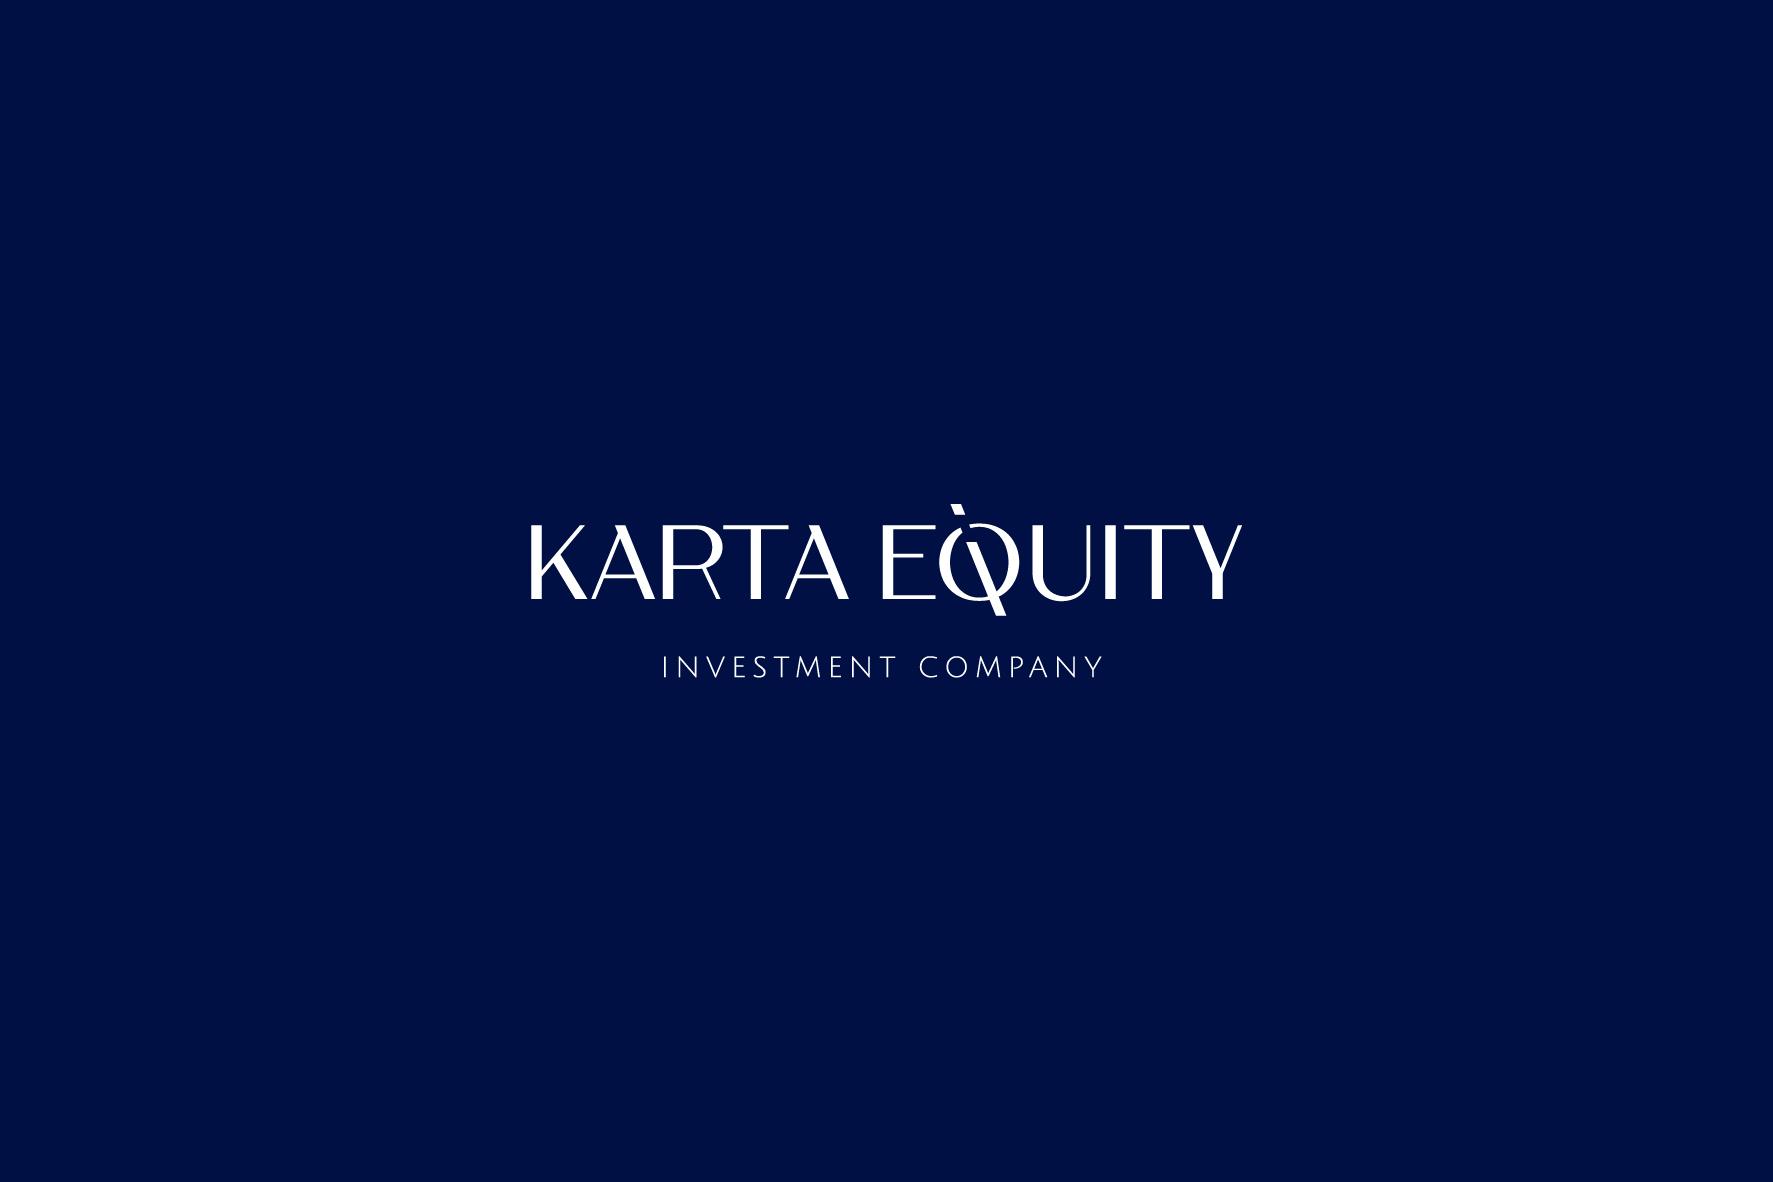 Логотип для компании инвестироваюшей в жилую недвижимость фото f_0195e1509bfc126a.jpg